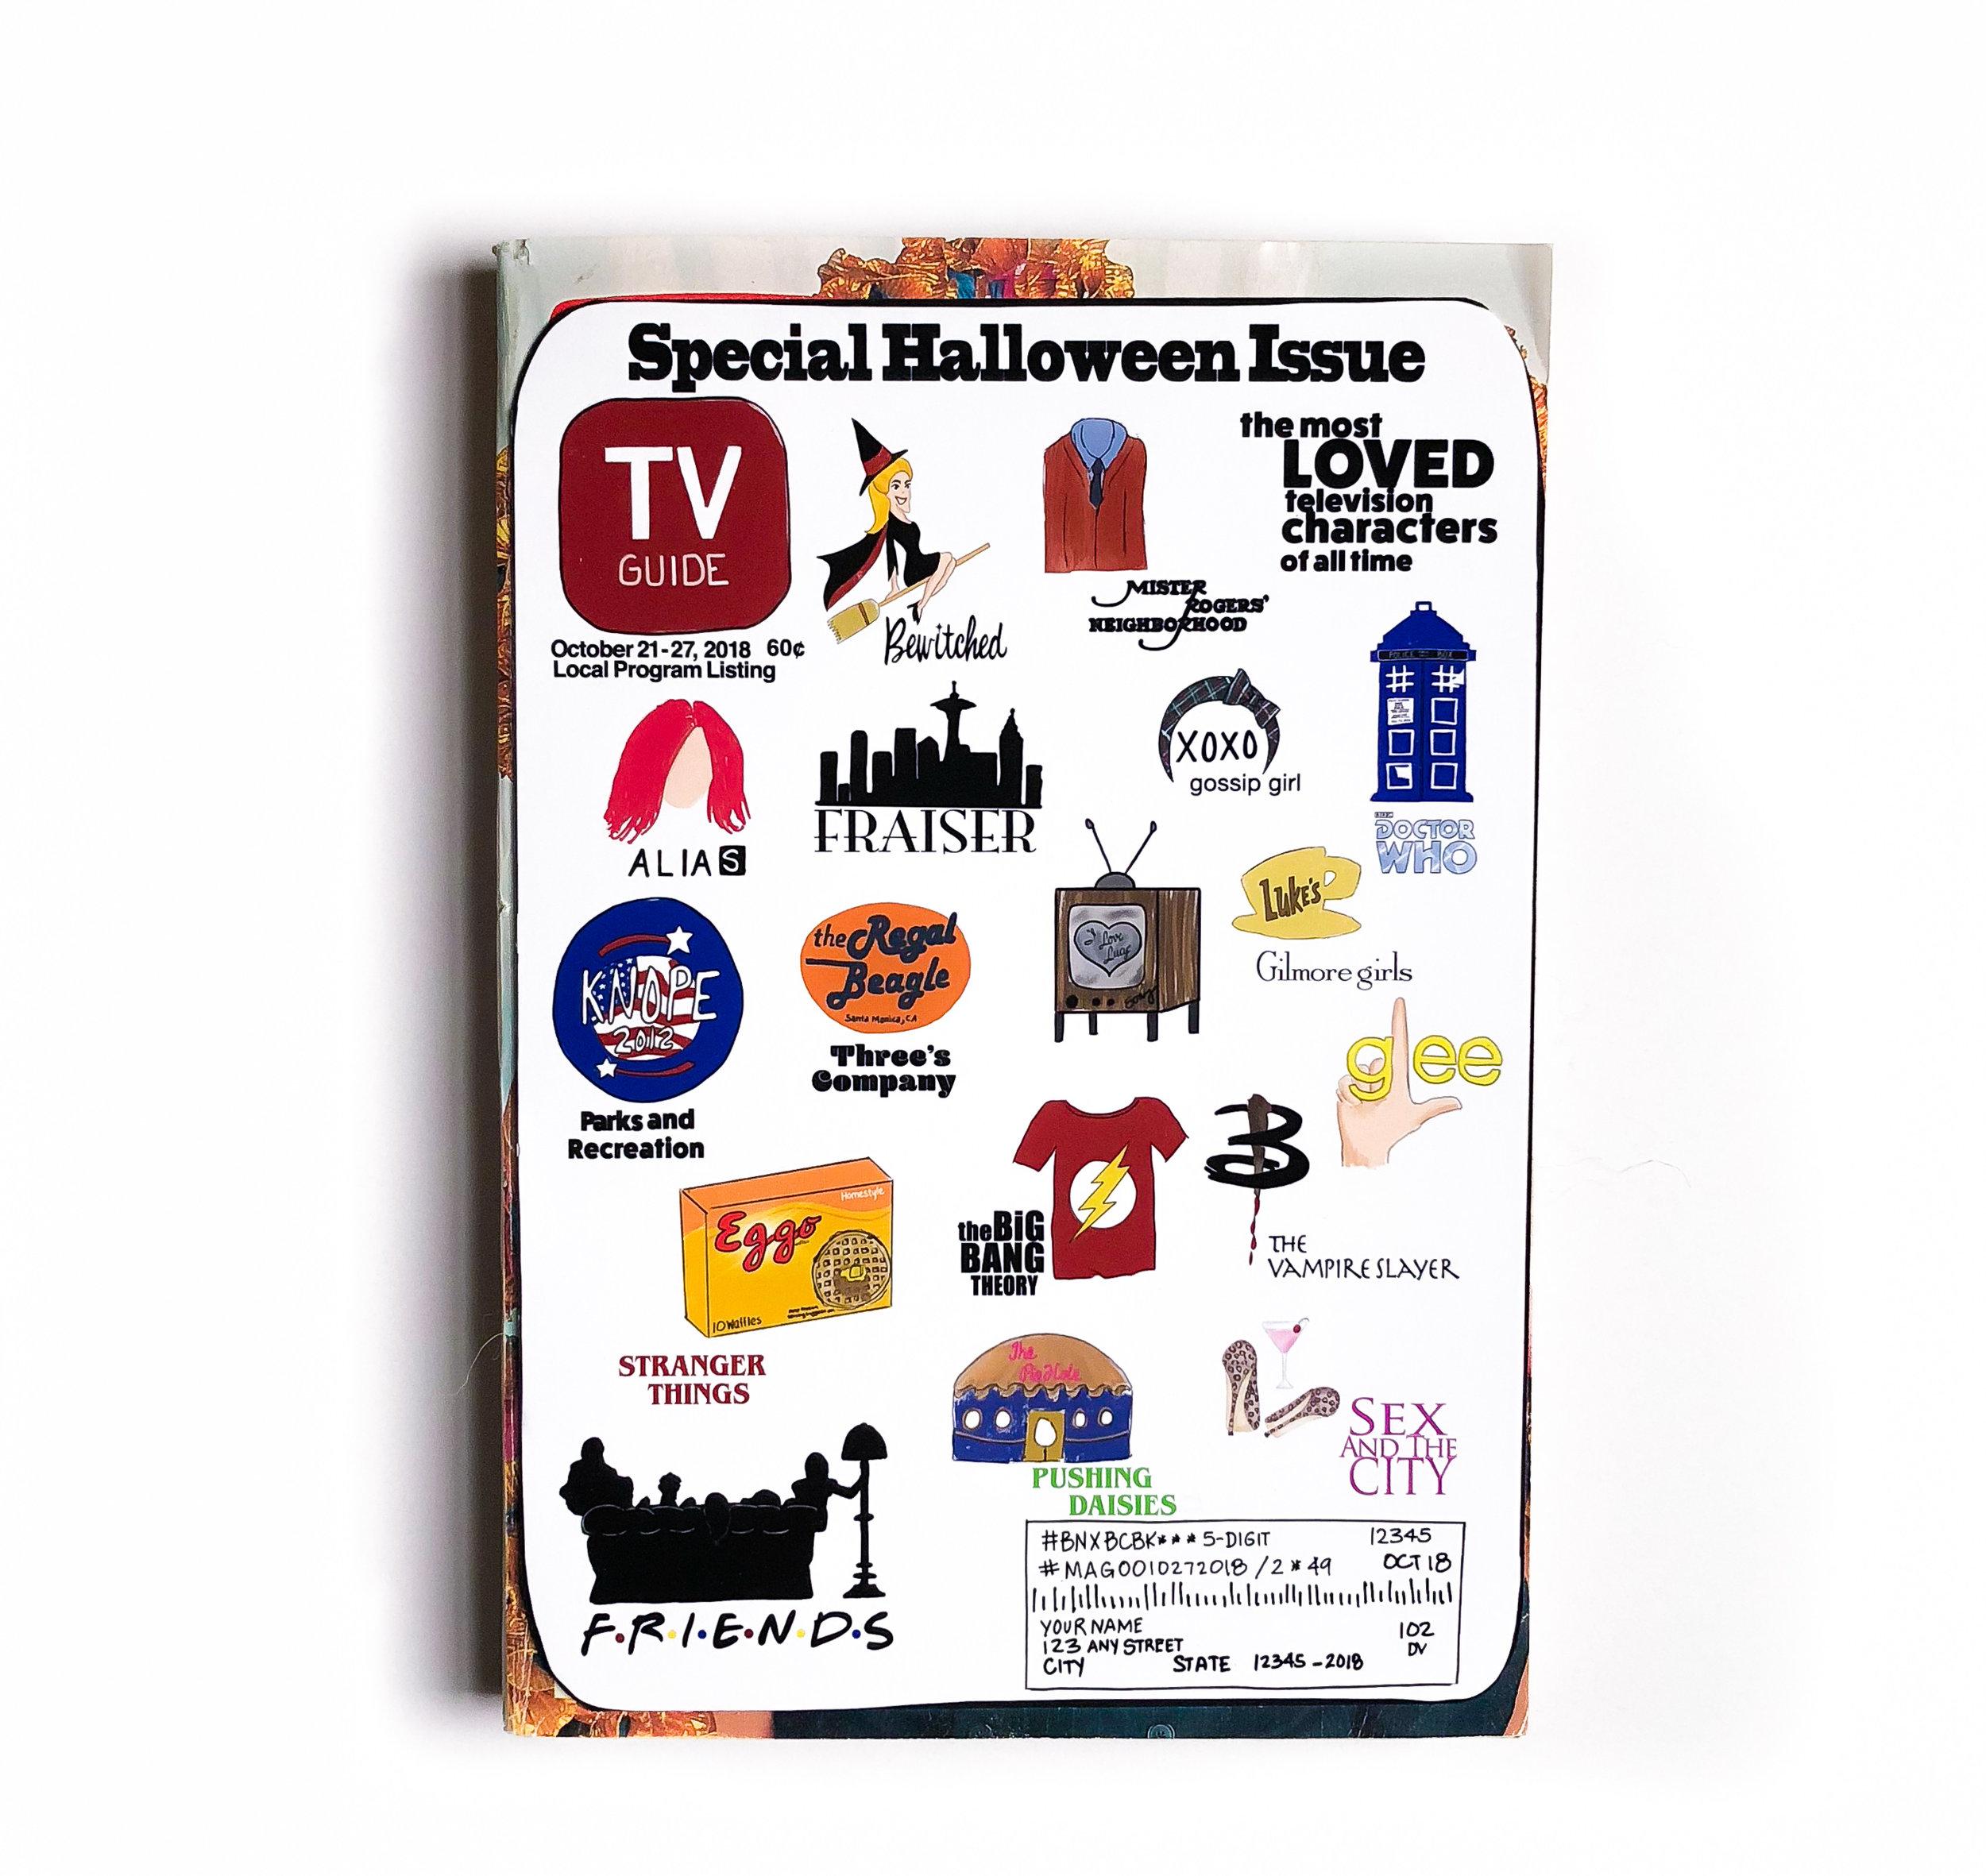 TV Guide Invitation Cover